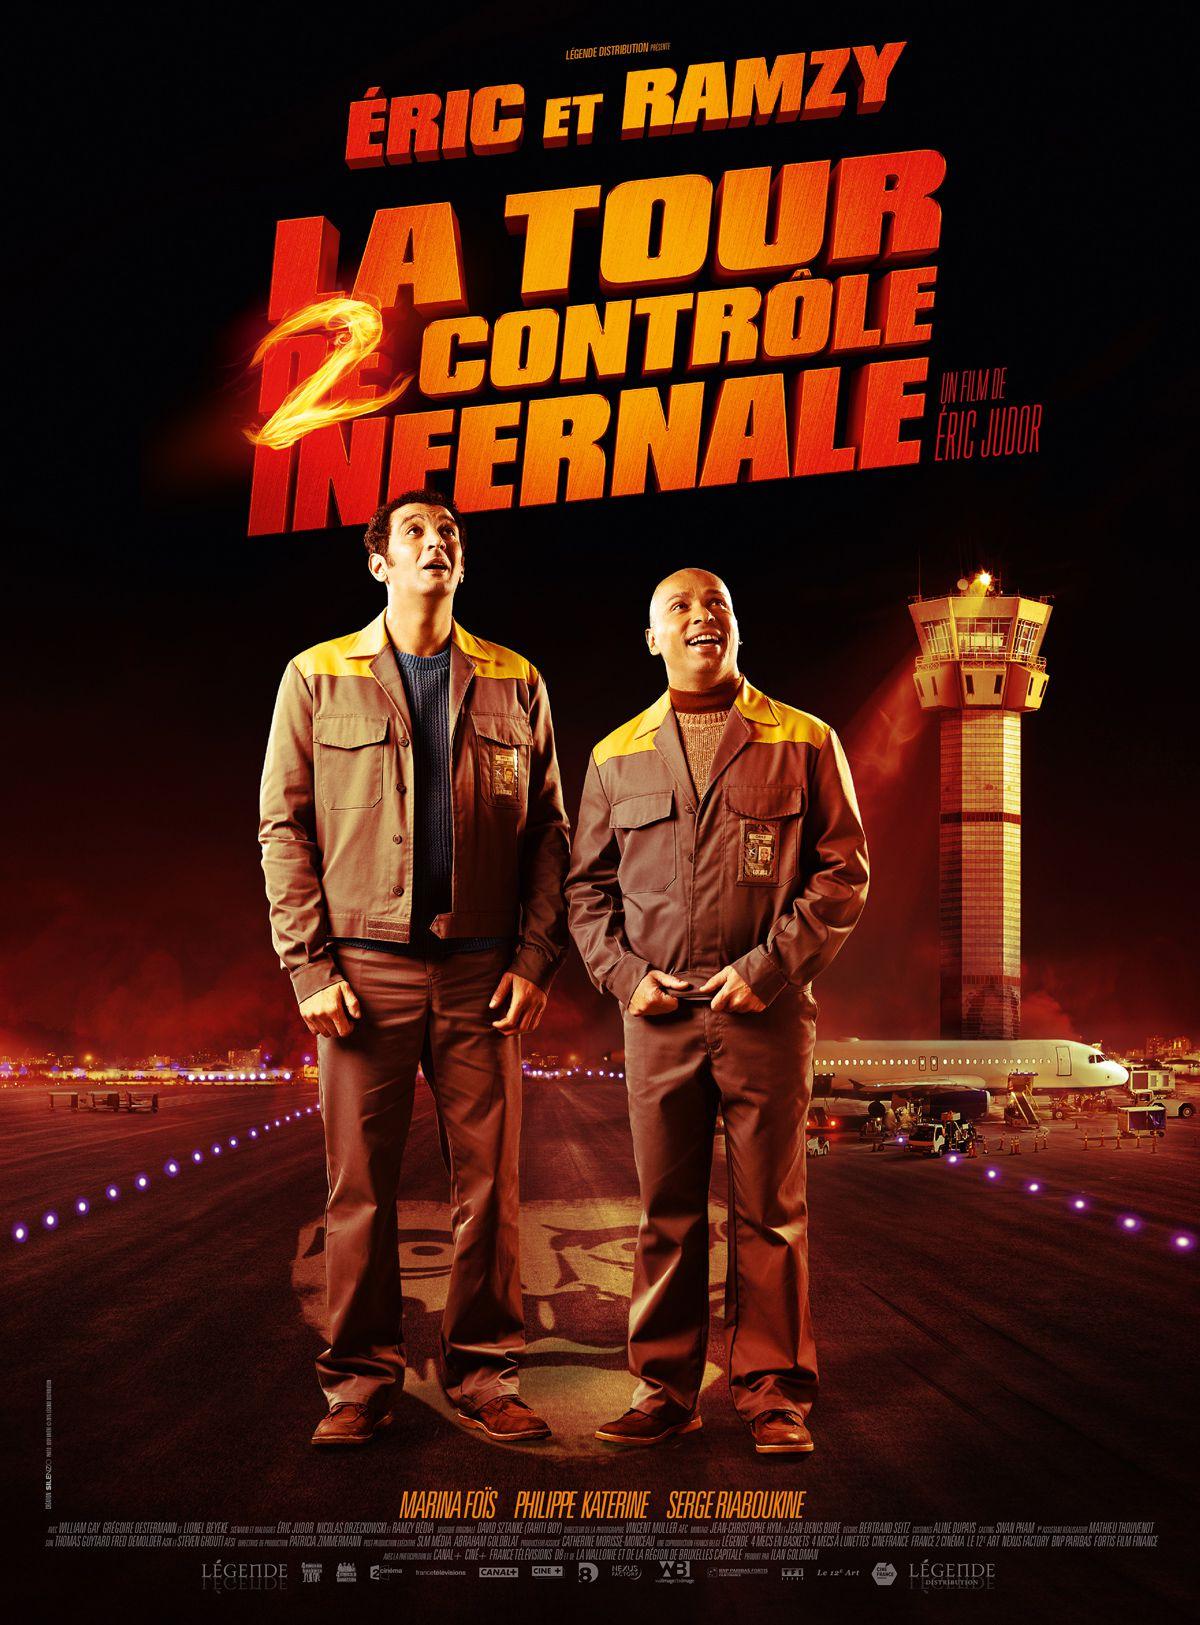 La Tour 2 contrôle infernale - Film (2016)